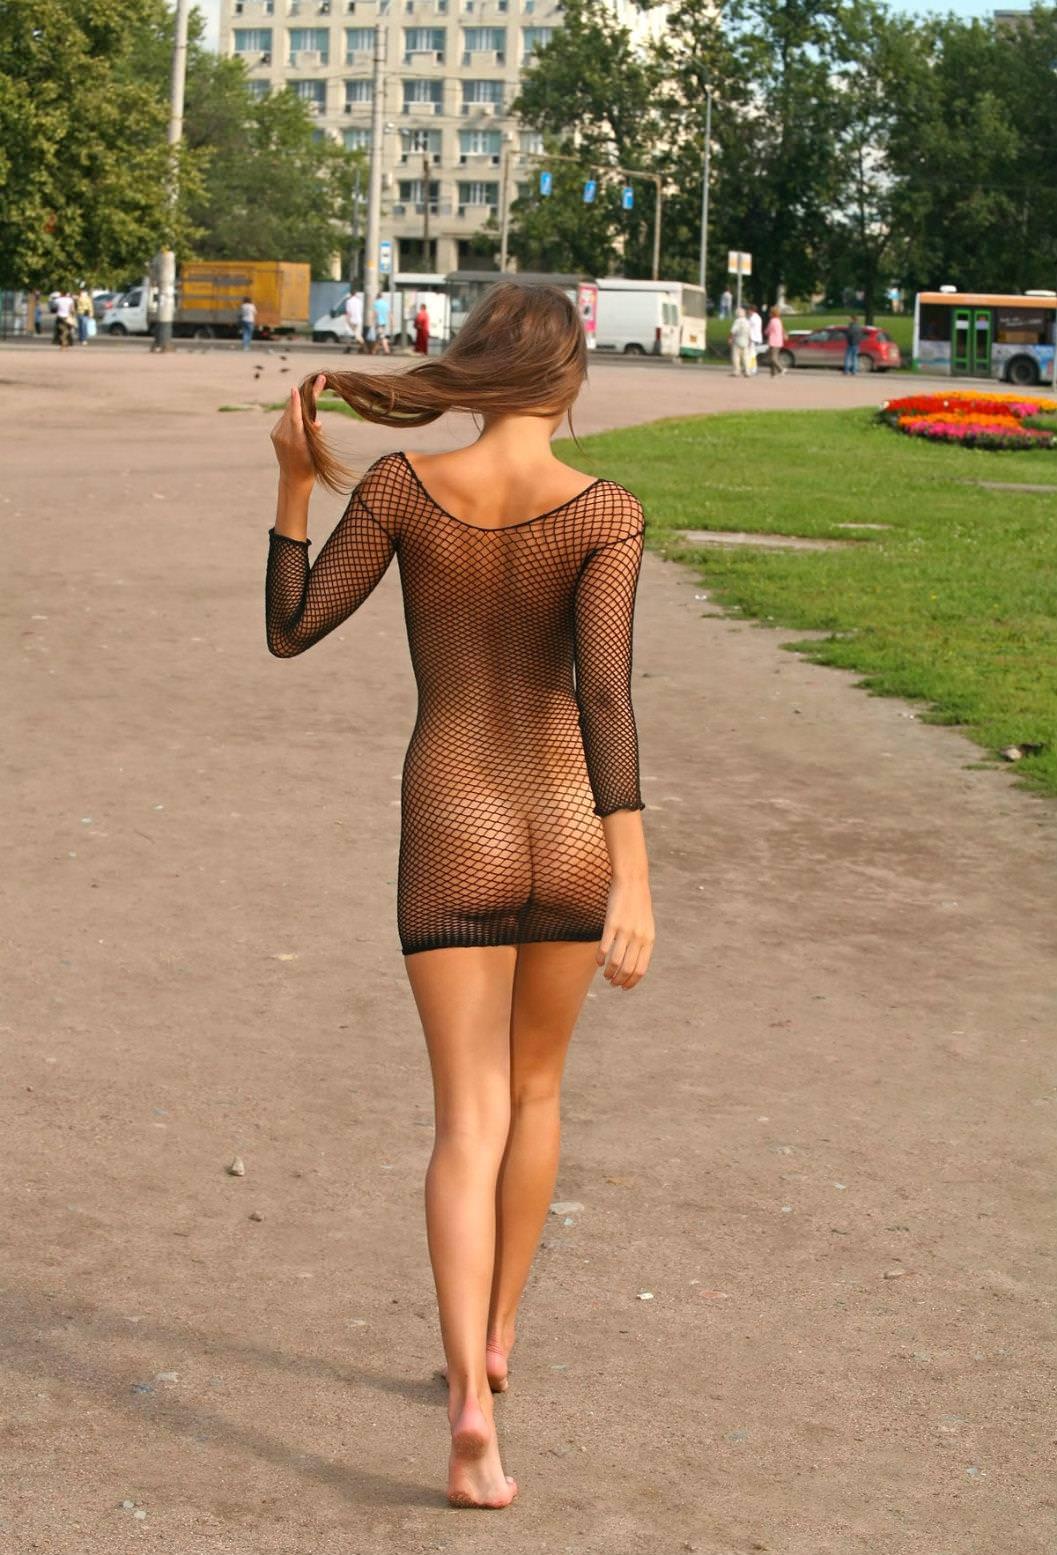 全身網タイツ衣装でお尻が丸みでヤバすぎ!